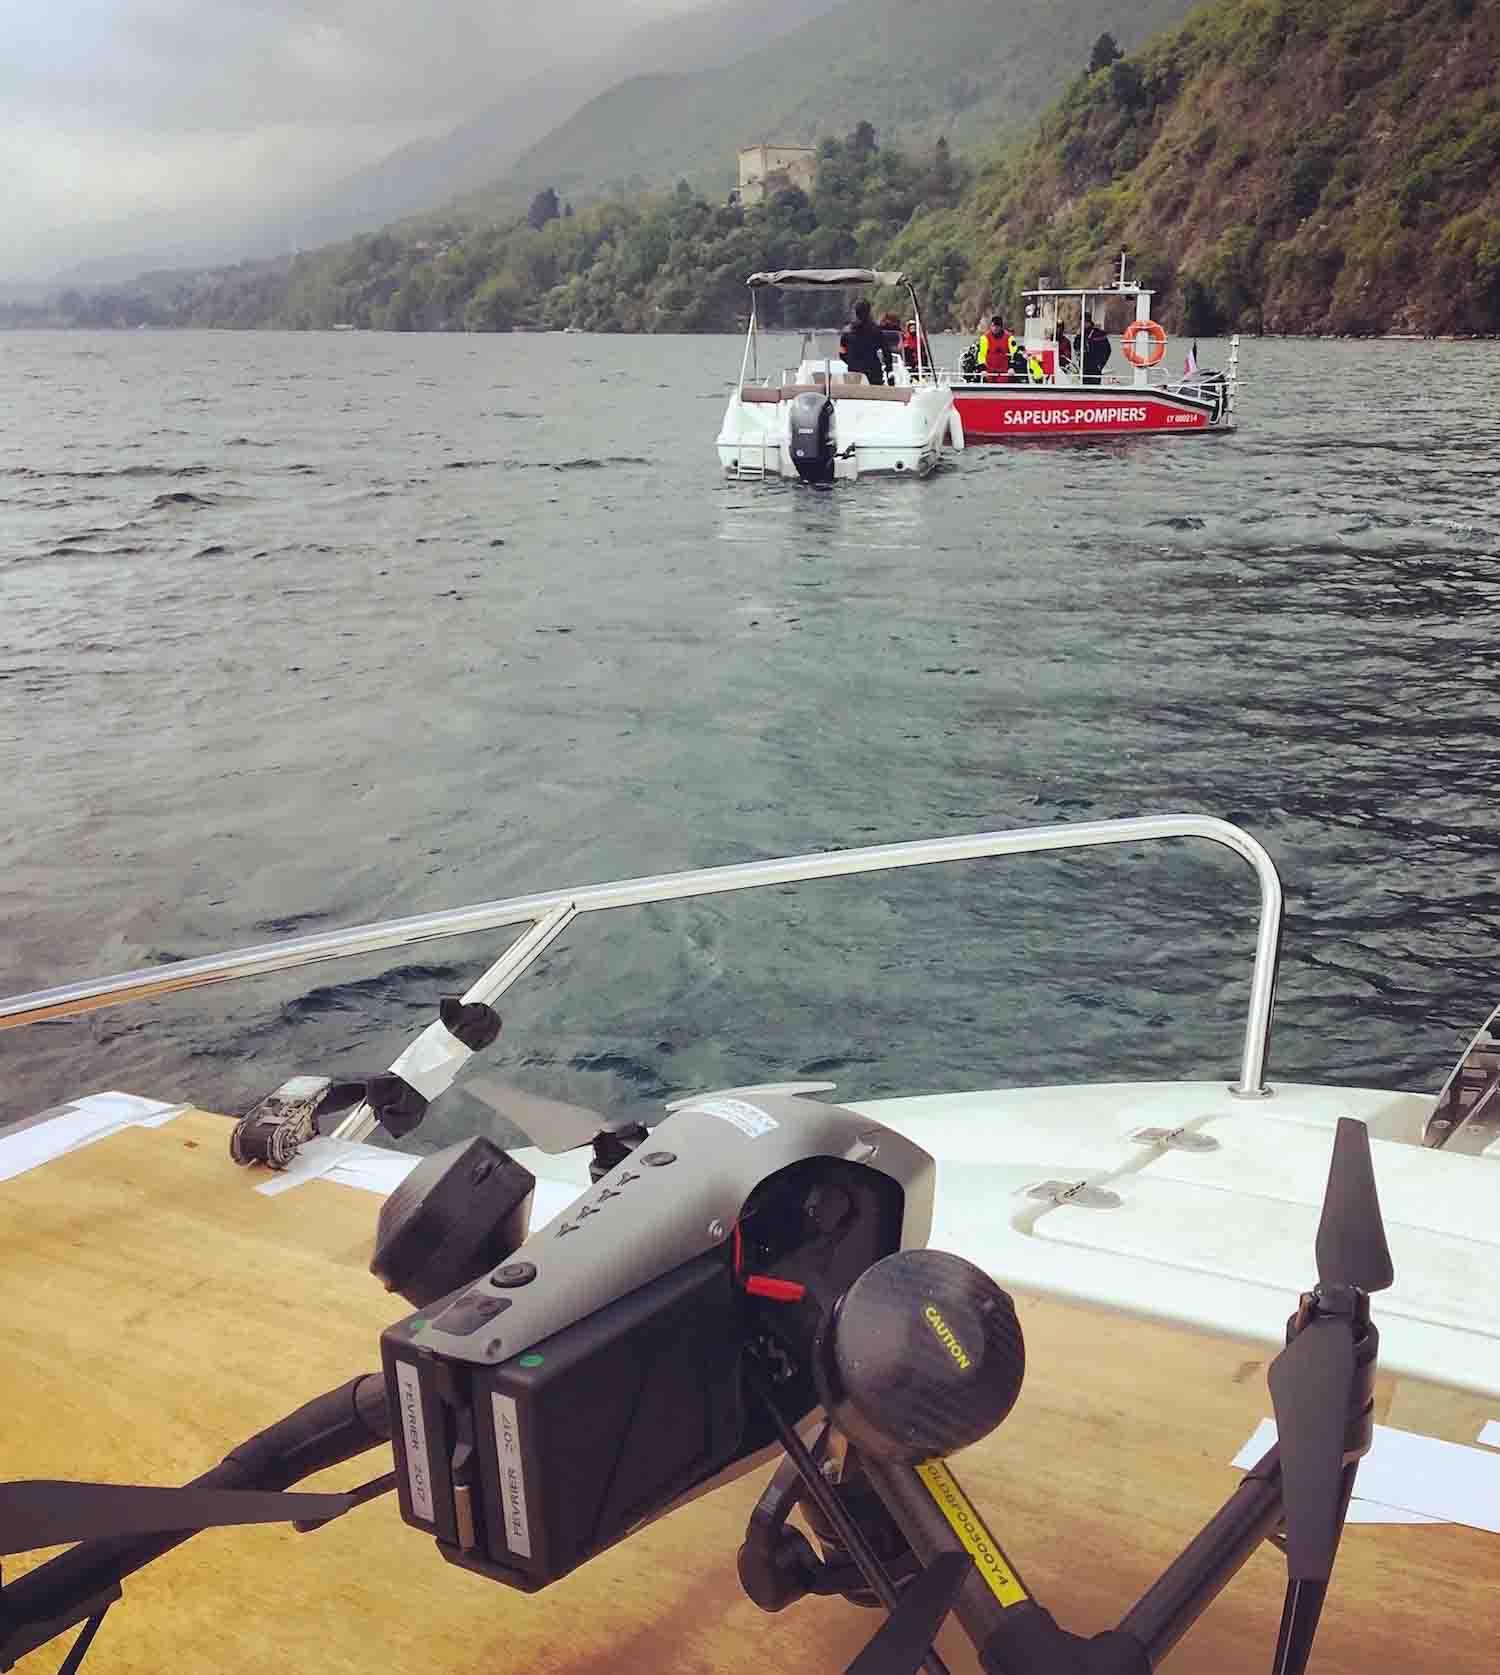 Drone tournage lac Annecy avec pompier sur bateaux